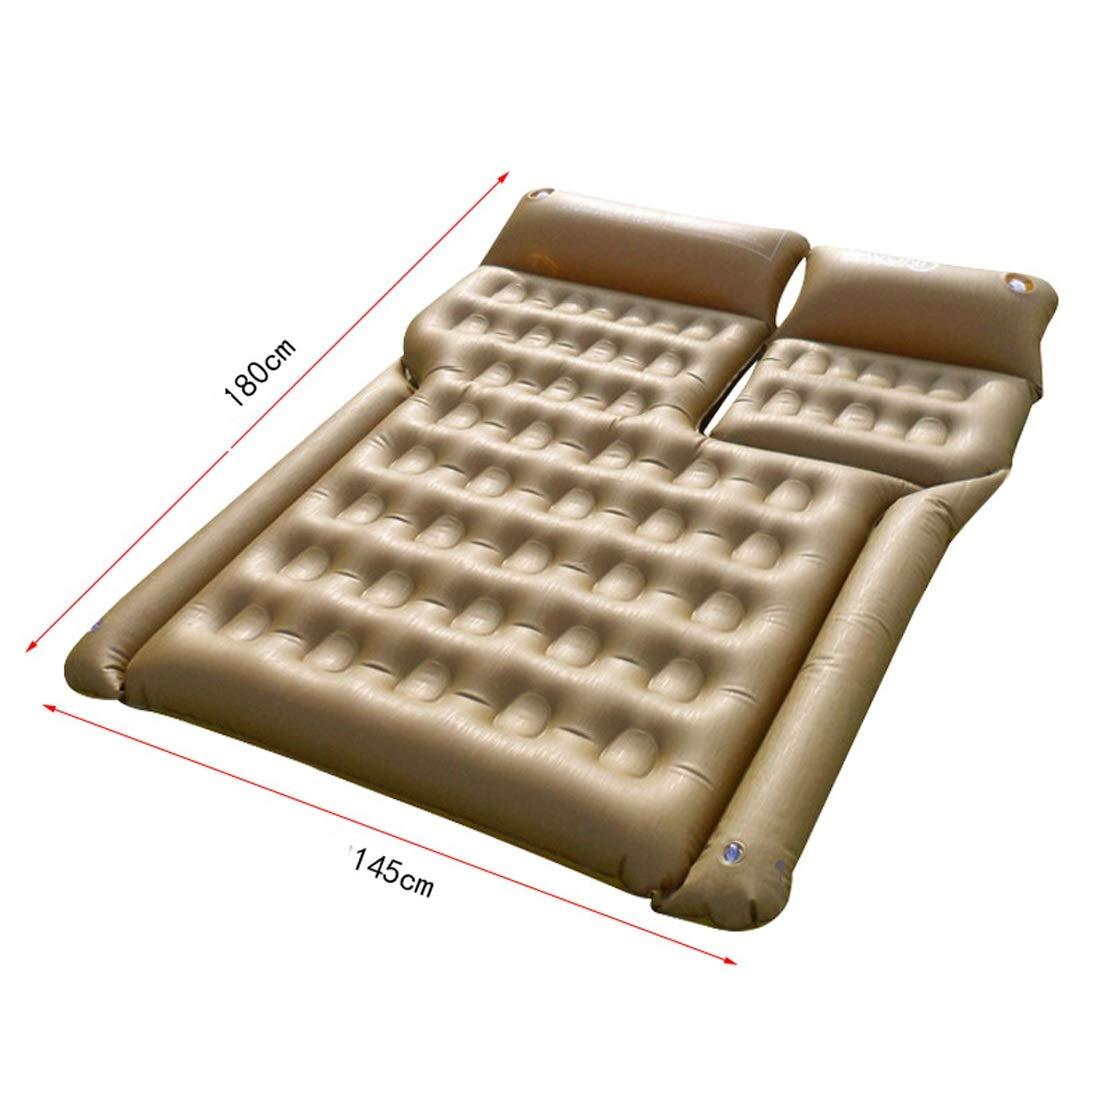 WEATLY Aufblasbares Matratzen-Luft-Bett im Freien kampierendes SUV verlängerte Luftcouch mit Pumpe